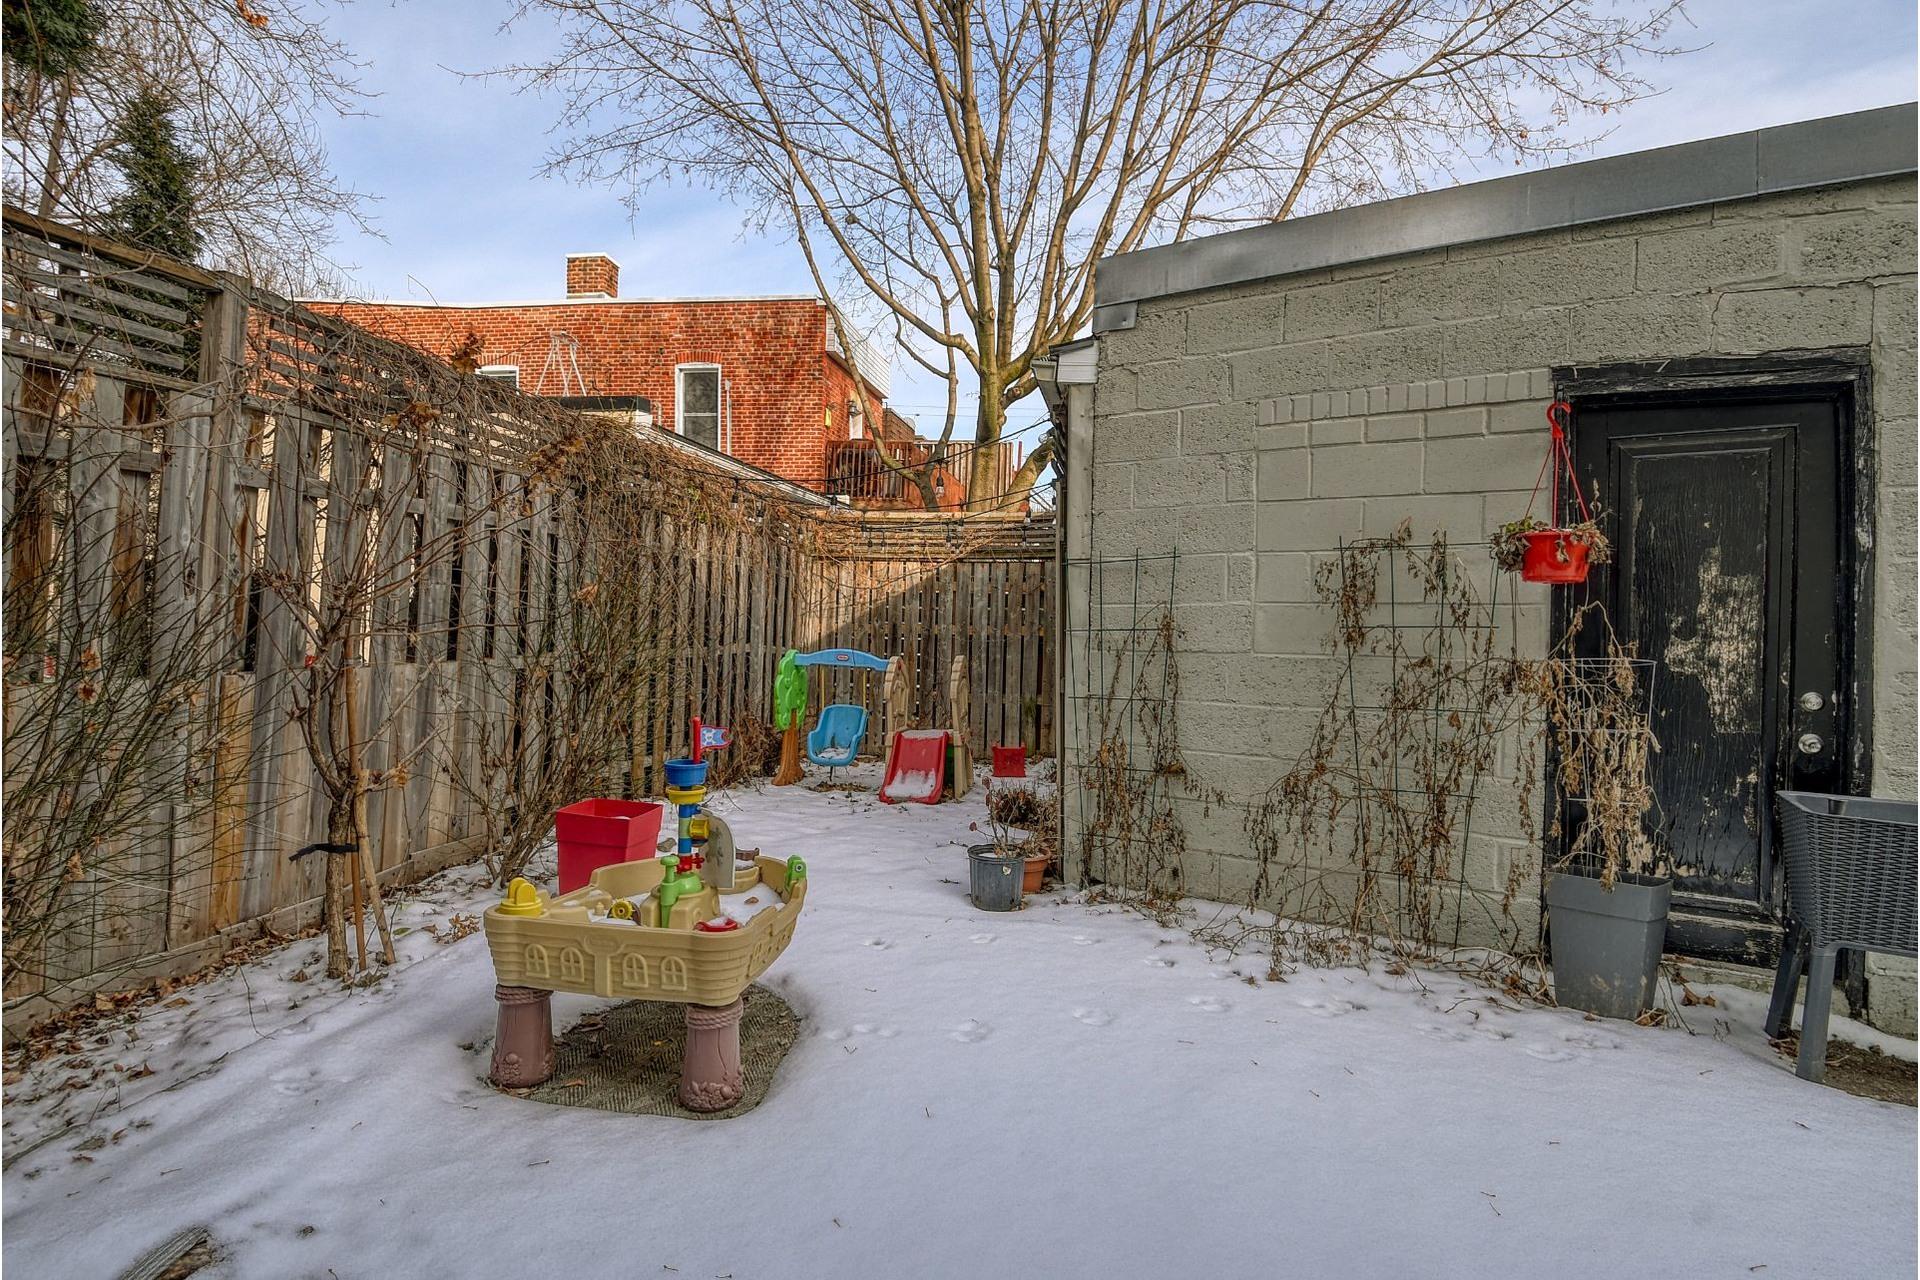 image 21 - Duplex À vendre Le Sud-Ouest Montréal  - 5 pièces